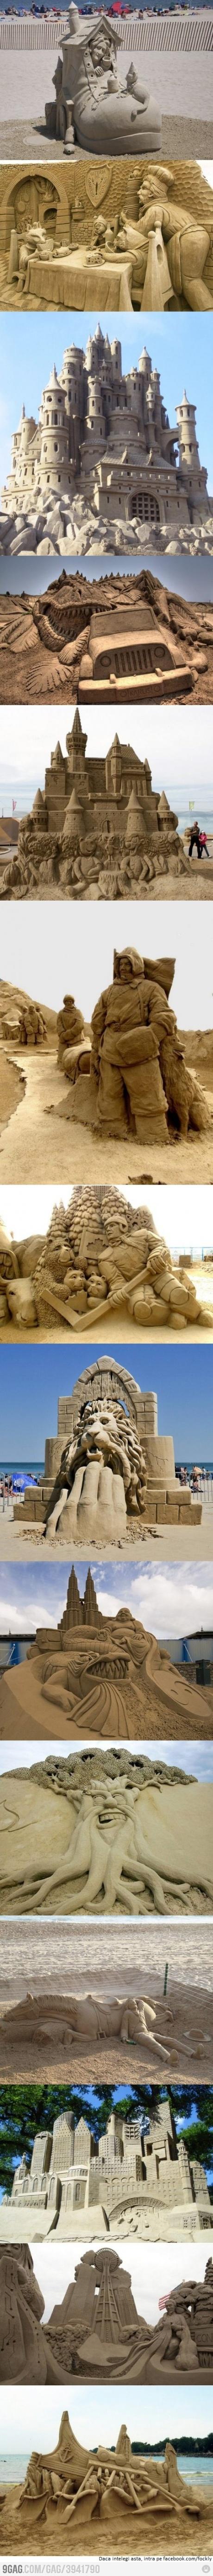 Fairy tale sand castles: a variety of sand art #Sandart #SandCastle #Beach